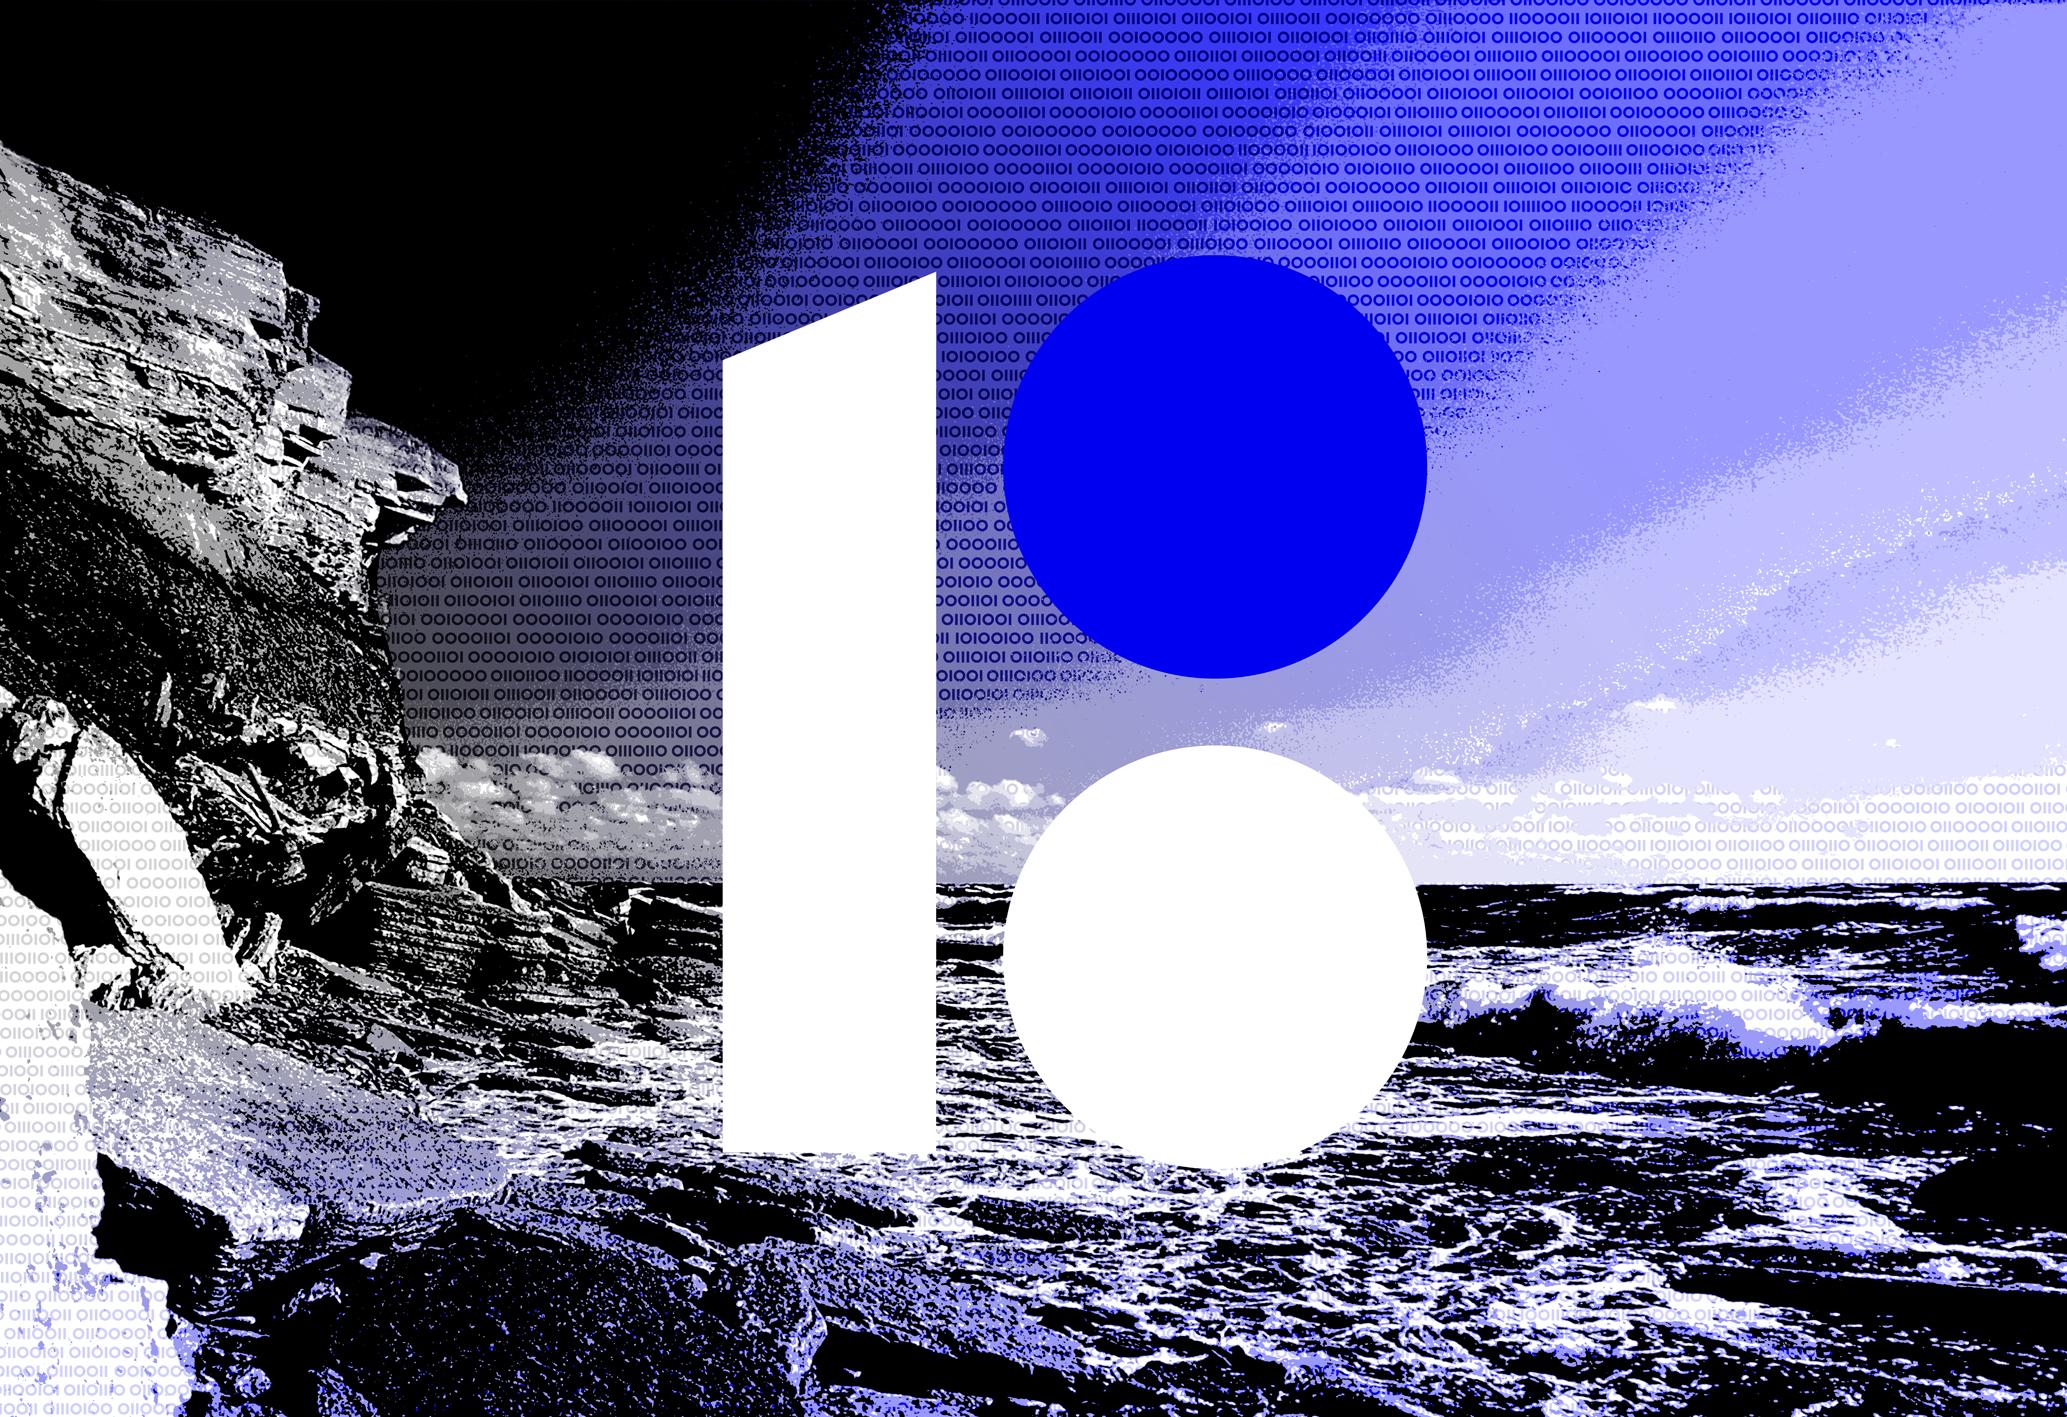 Fotol on Eesti Vabariigi 100. sünnipäeva tähistamise tunnusmärk. Foto: Identity OÜ